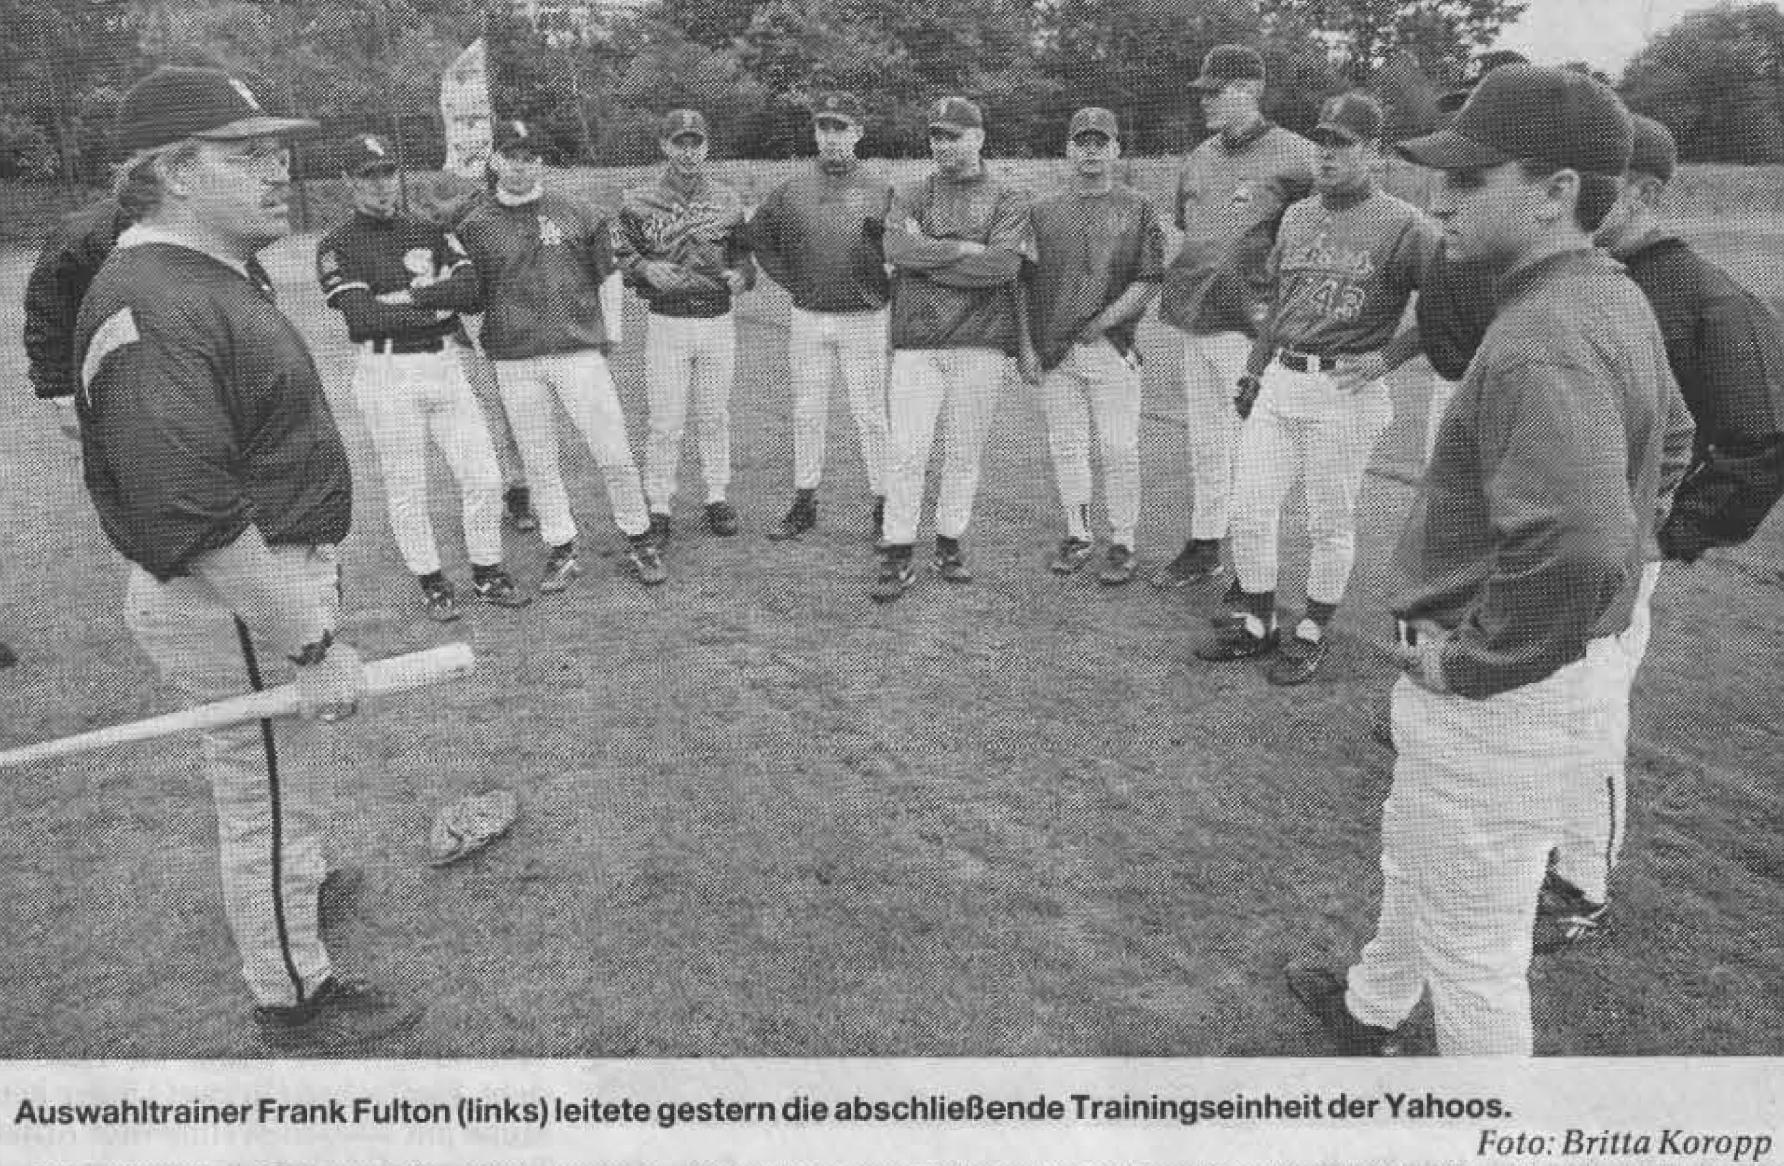 Auswahltrainer Frank Fulton (links) leitete gestern die abschließende Trainingseinheit der Yahoos. Foto: Britta Koropp